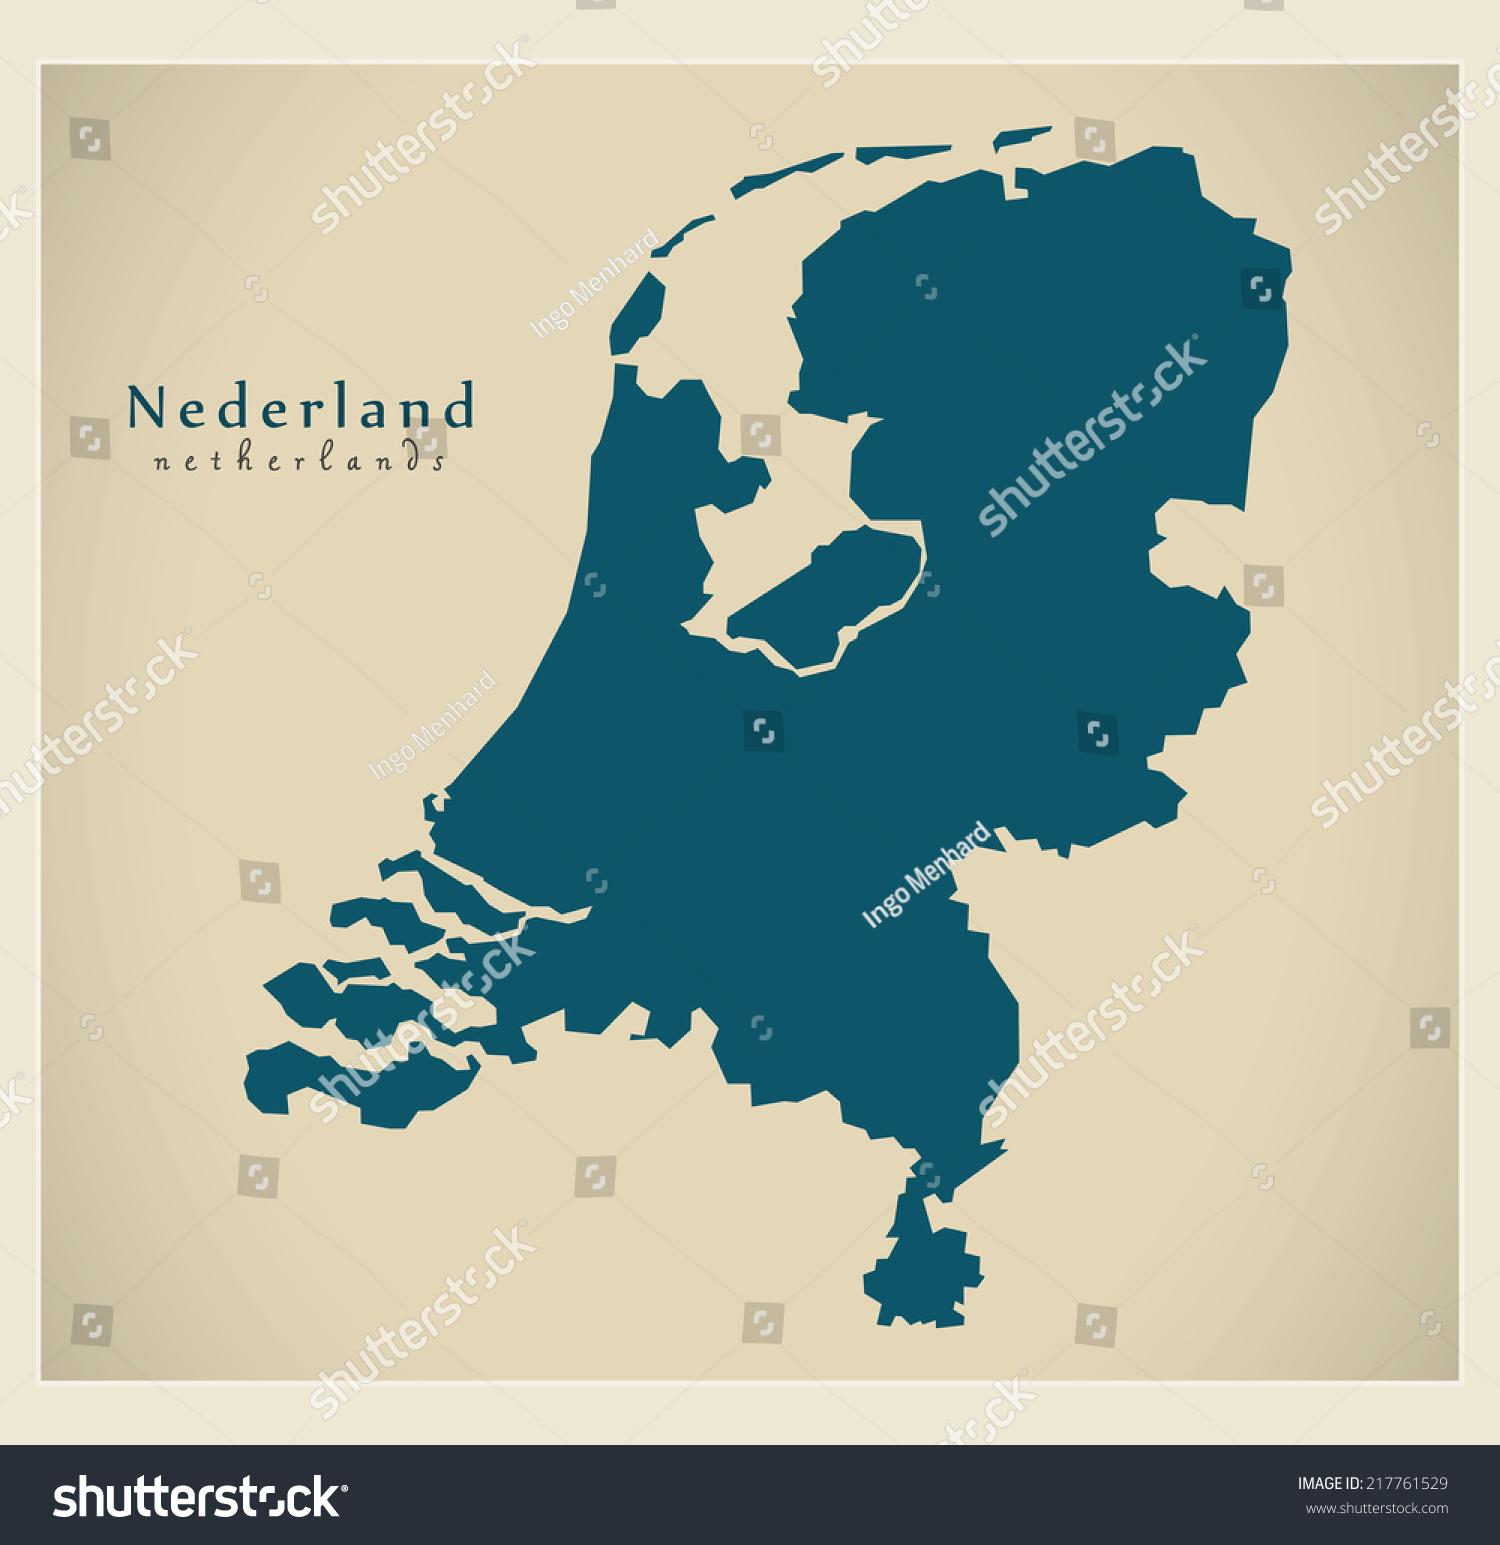 现代地图——荷兰问-符号/标志,抽象-海洛创意()-中国